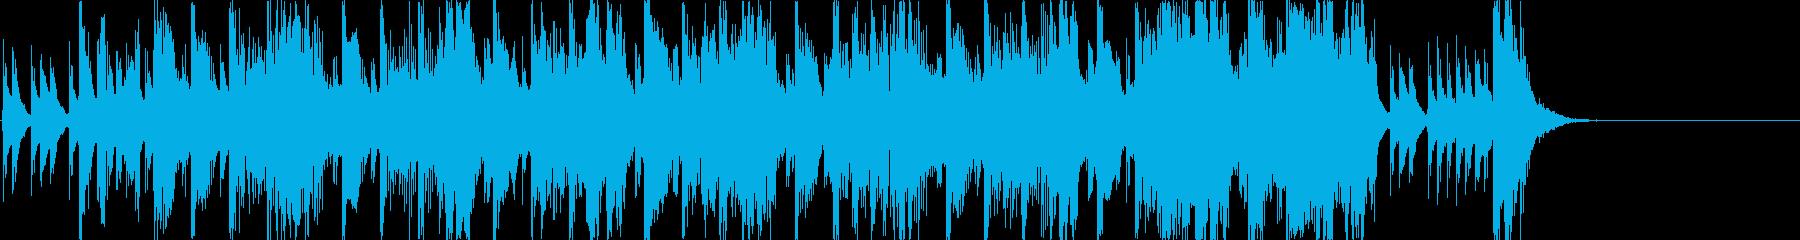 和風、ゲーム煽りBGM、子供用/掛声有りの再生済みの波形